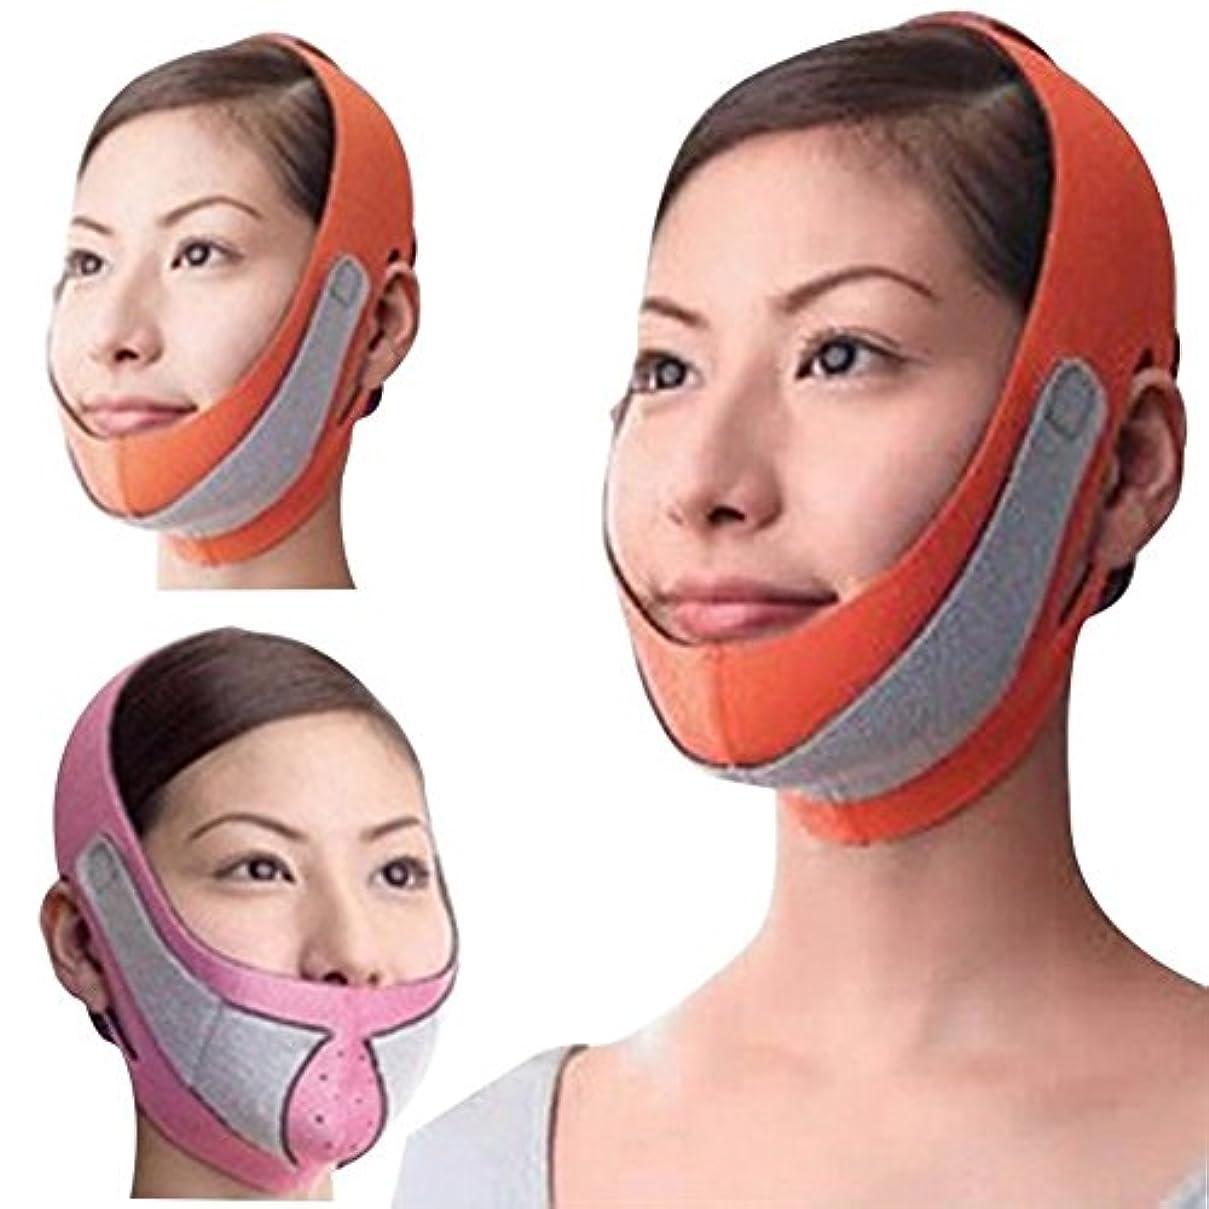 厳密に人生を作るはずRemeehi 引き上げマスク 頬のたるみ 額 顎下 頬リフトアップ ピンク グレー 弾力V-ラインマスク 引っ張る リフティング フェイス リフトスリムマスク 美容 フェイスマスク オレンジ